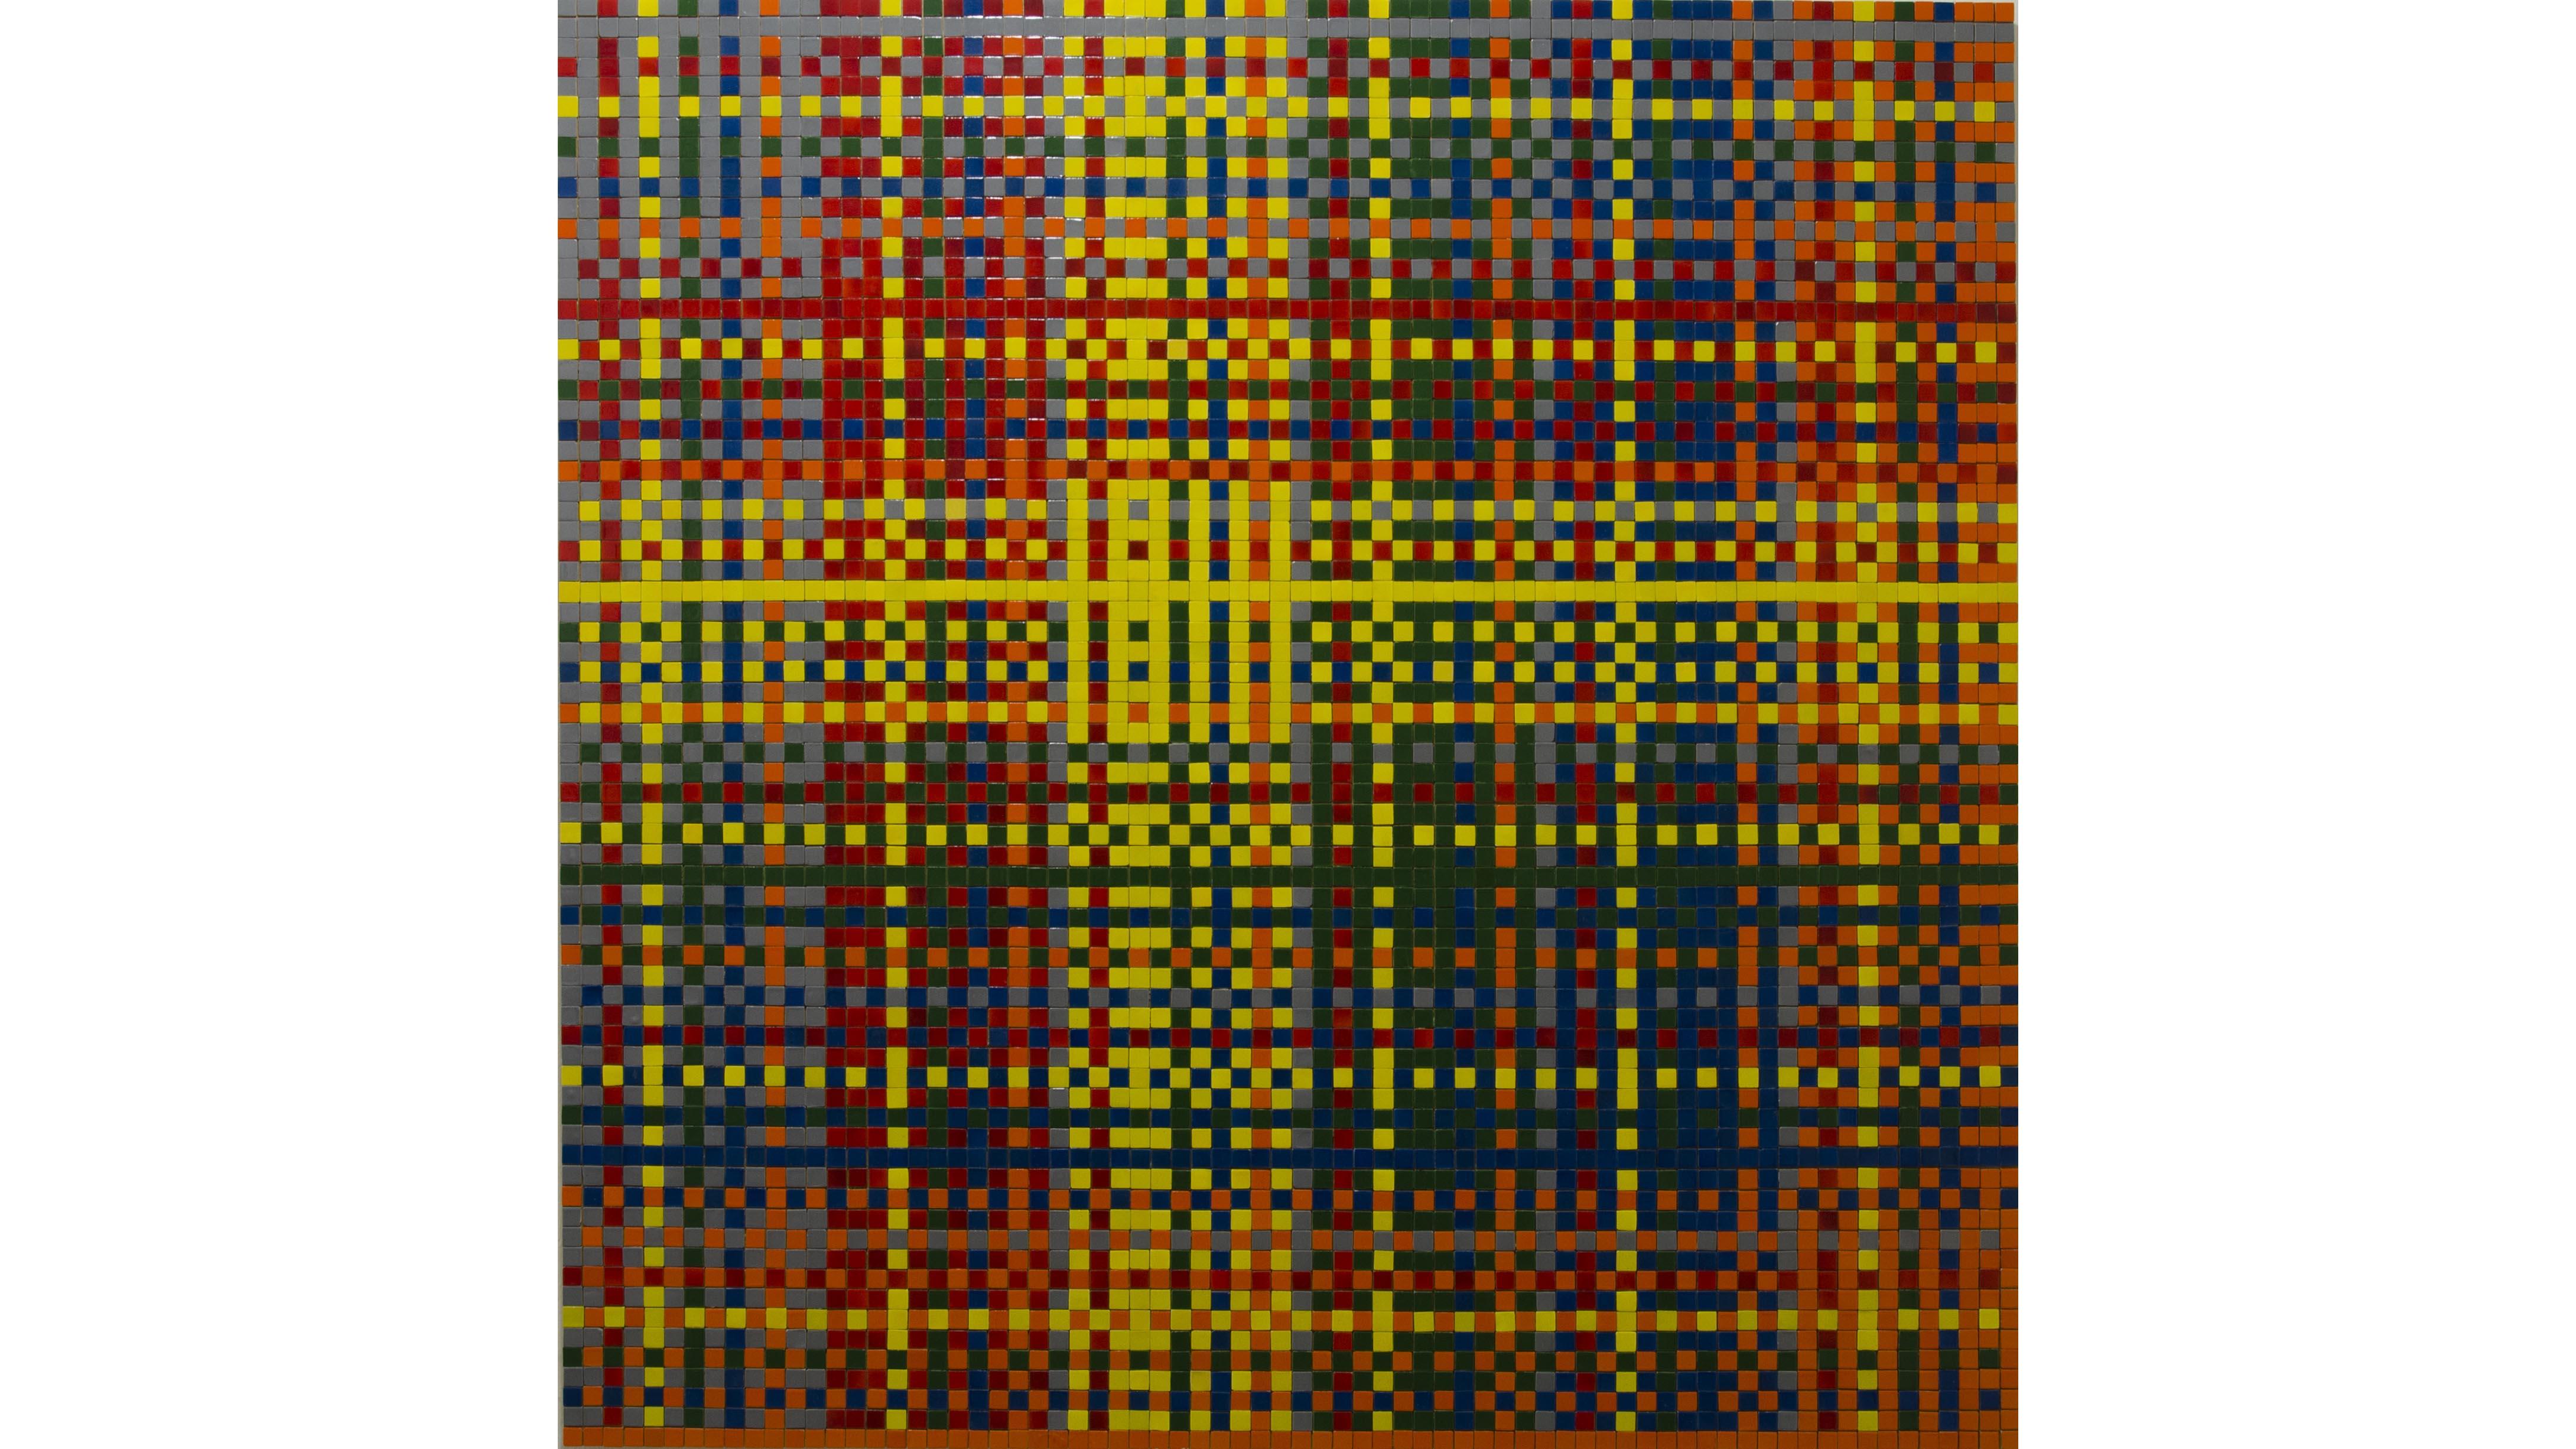 2x2-es Rubik kocka összes változata (újrarakás)